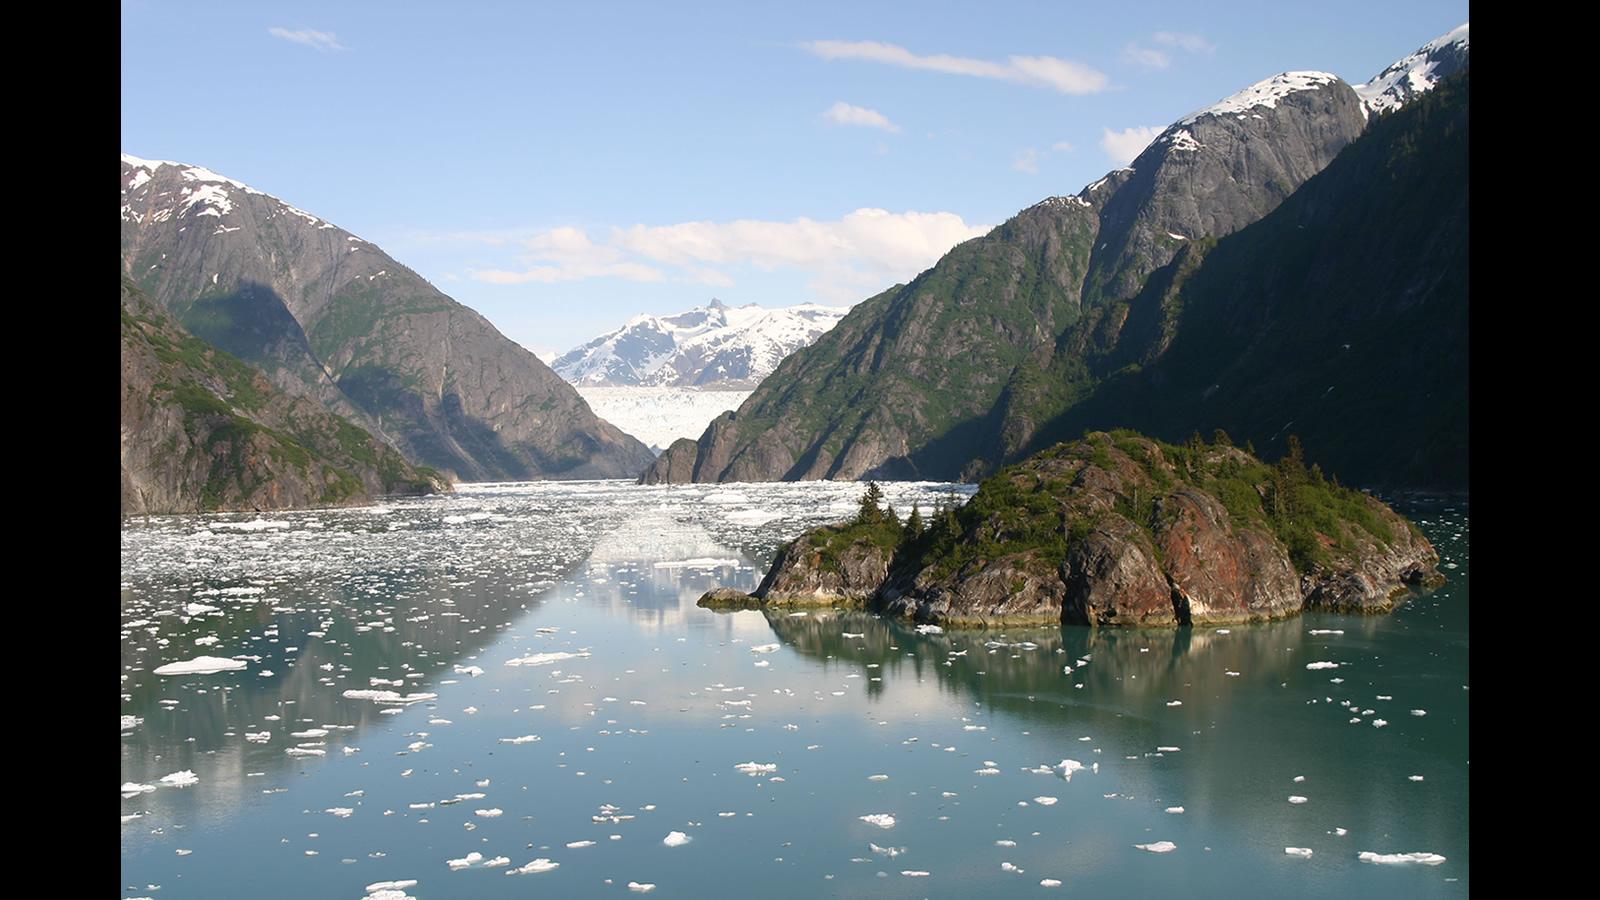 Fond d 39 ecran paysage montagne wallpaper for Photo fond ecran paysage